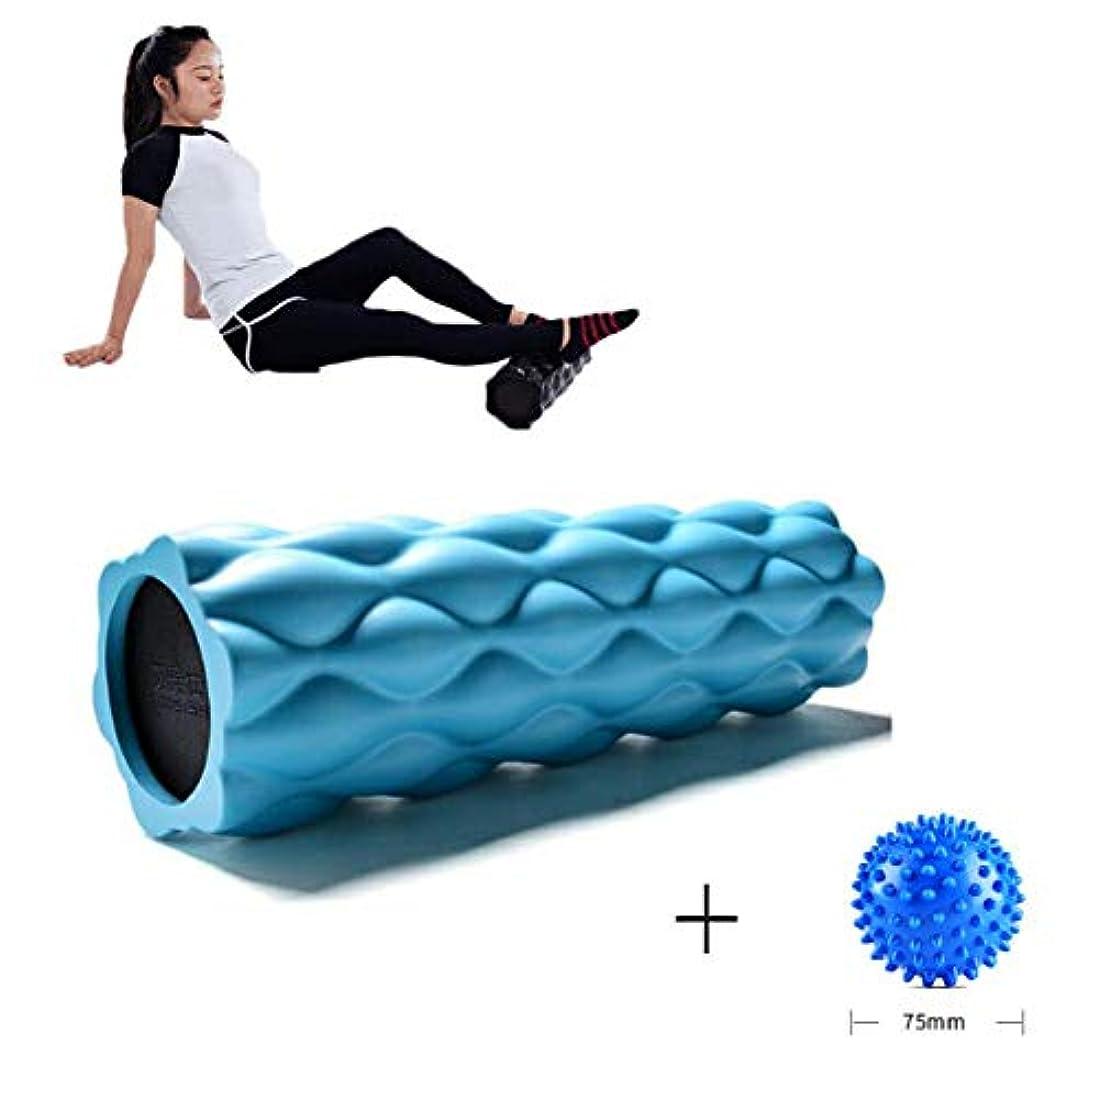 ハイジャック倍率使役フォームローラー 深部組織筋肉マッサージトリガーポイント解放(44.5 x 13.5 cm)のための高密度耐圧脊髄チャンネル,Blue